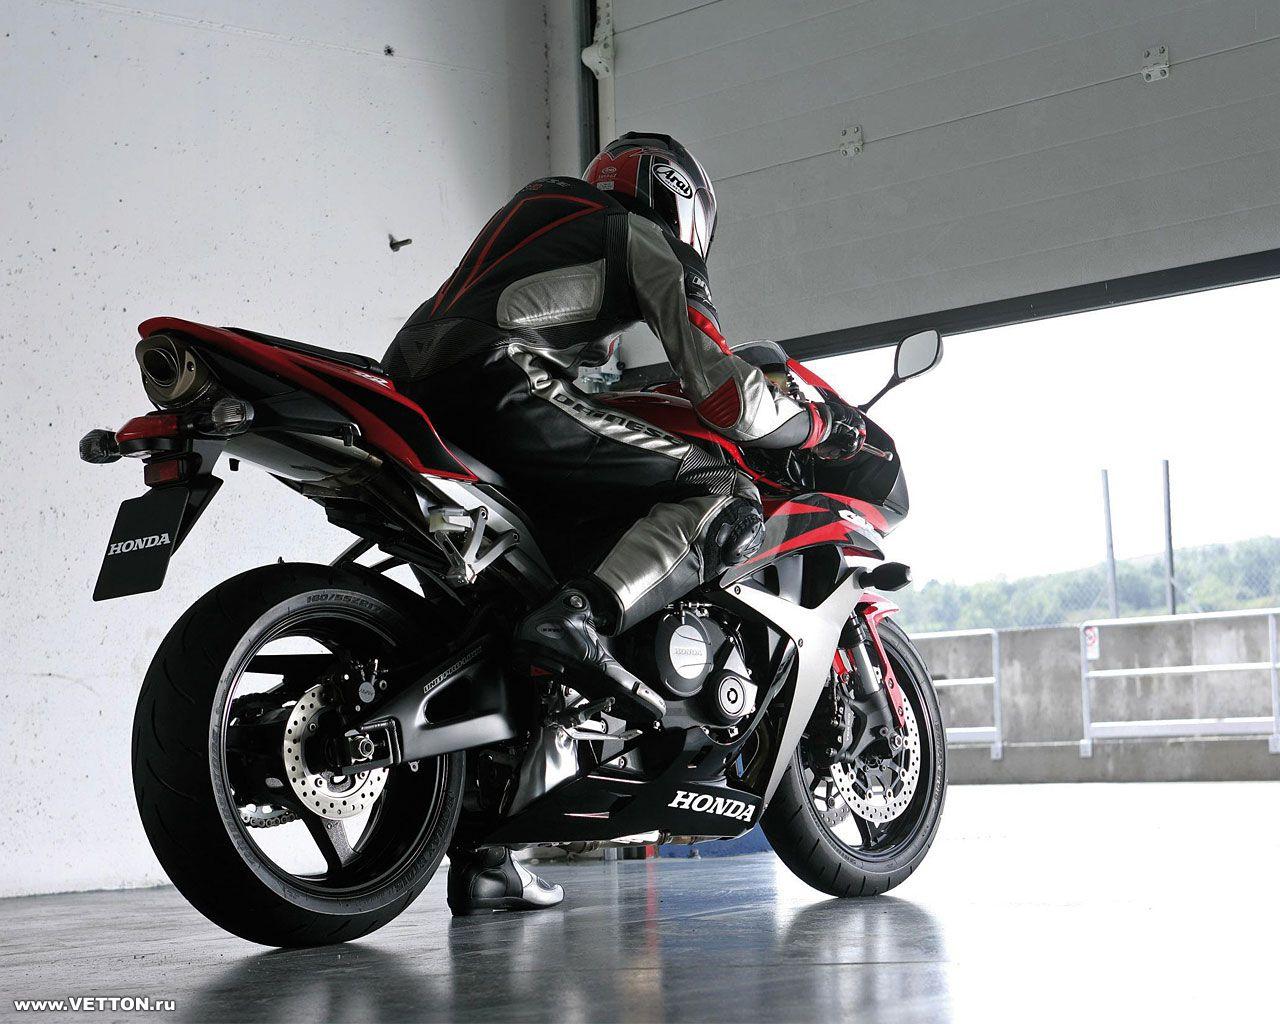 壁紙 sportbike ホンダ オートバイ オートバイ ダウンロード 写真